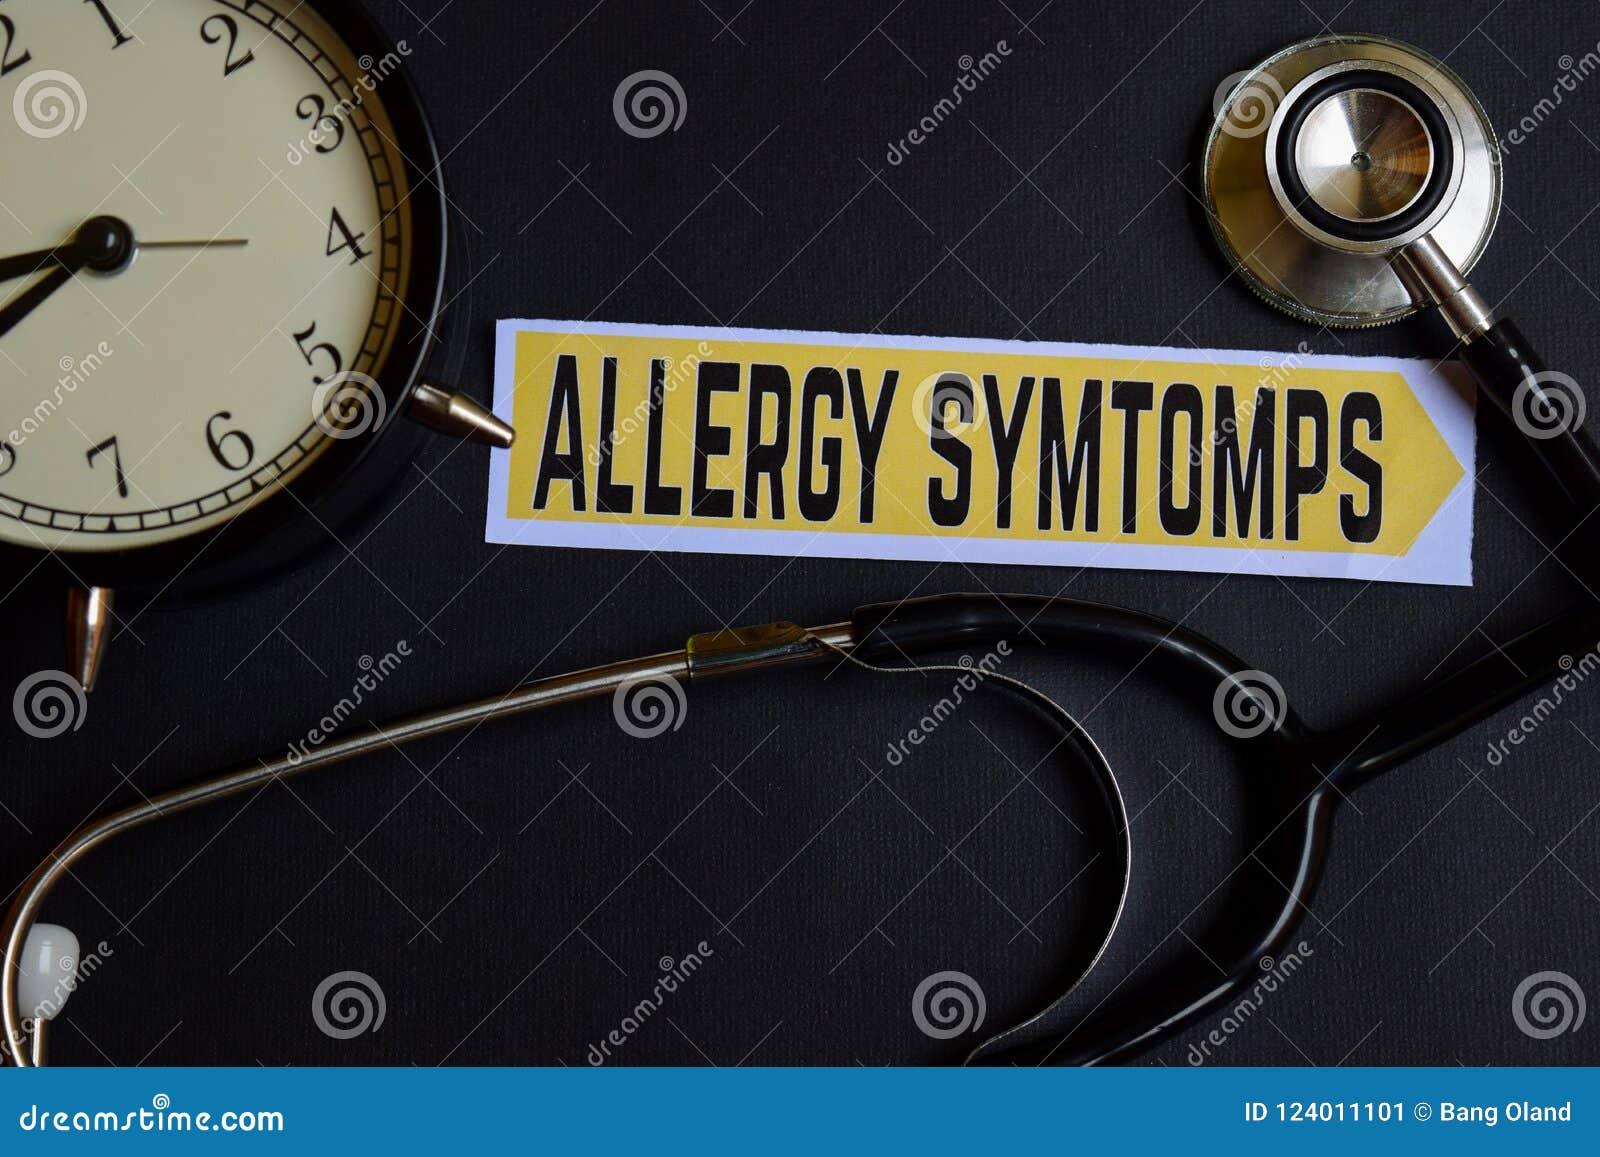 Alergia Symtomps en el papel con la inspiración del concepto de la atención sanitaria despertador, estetoscopio negro